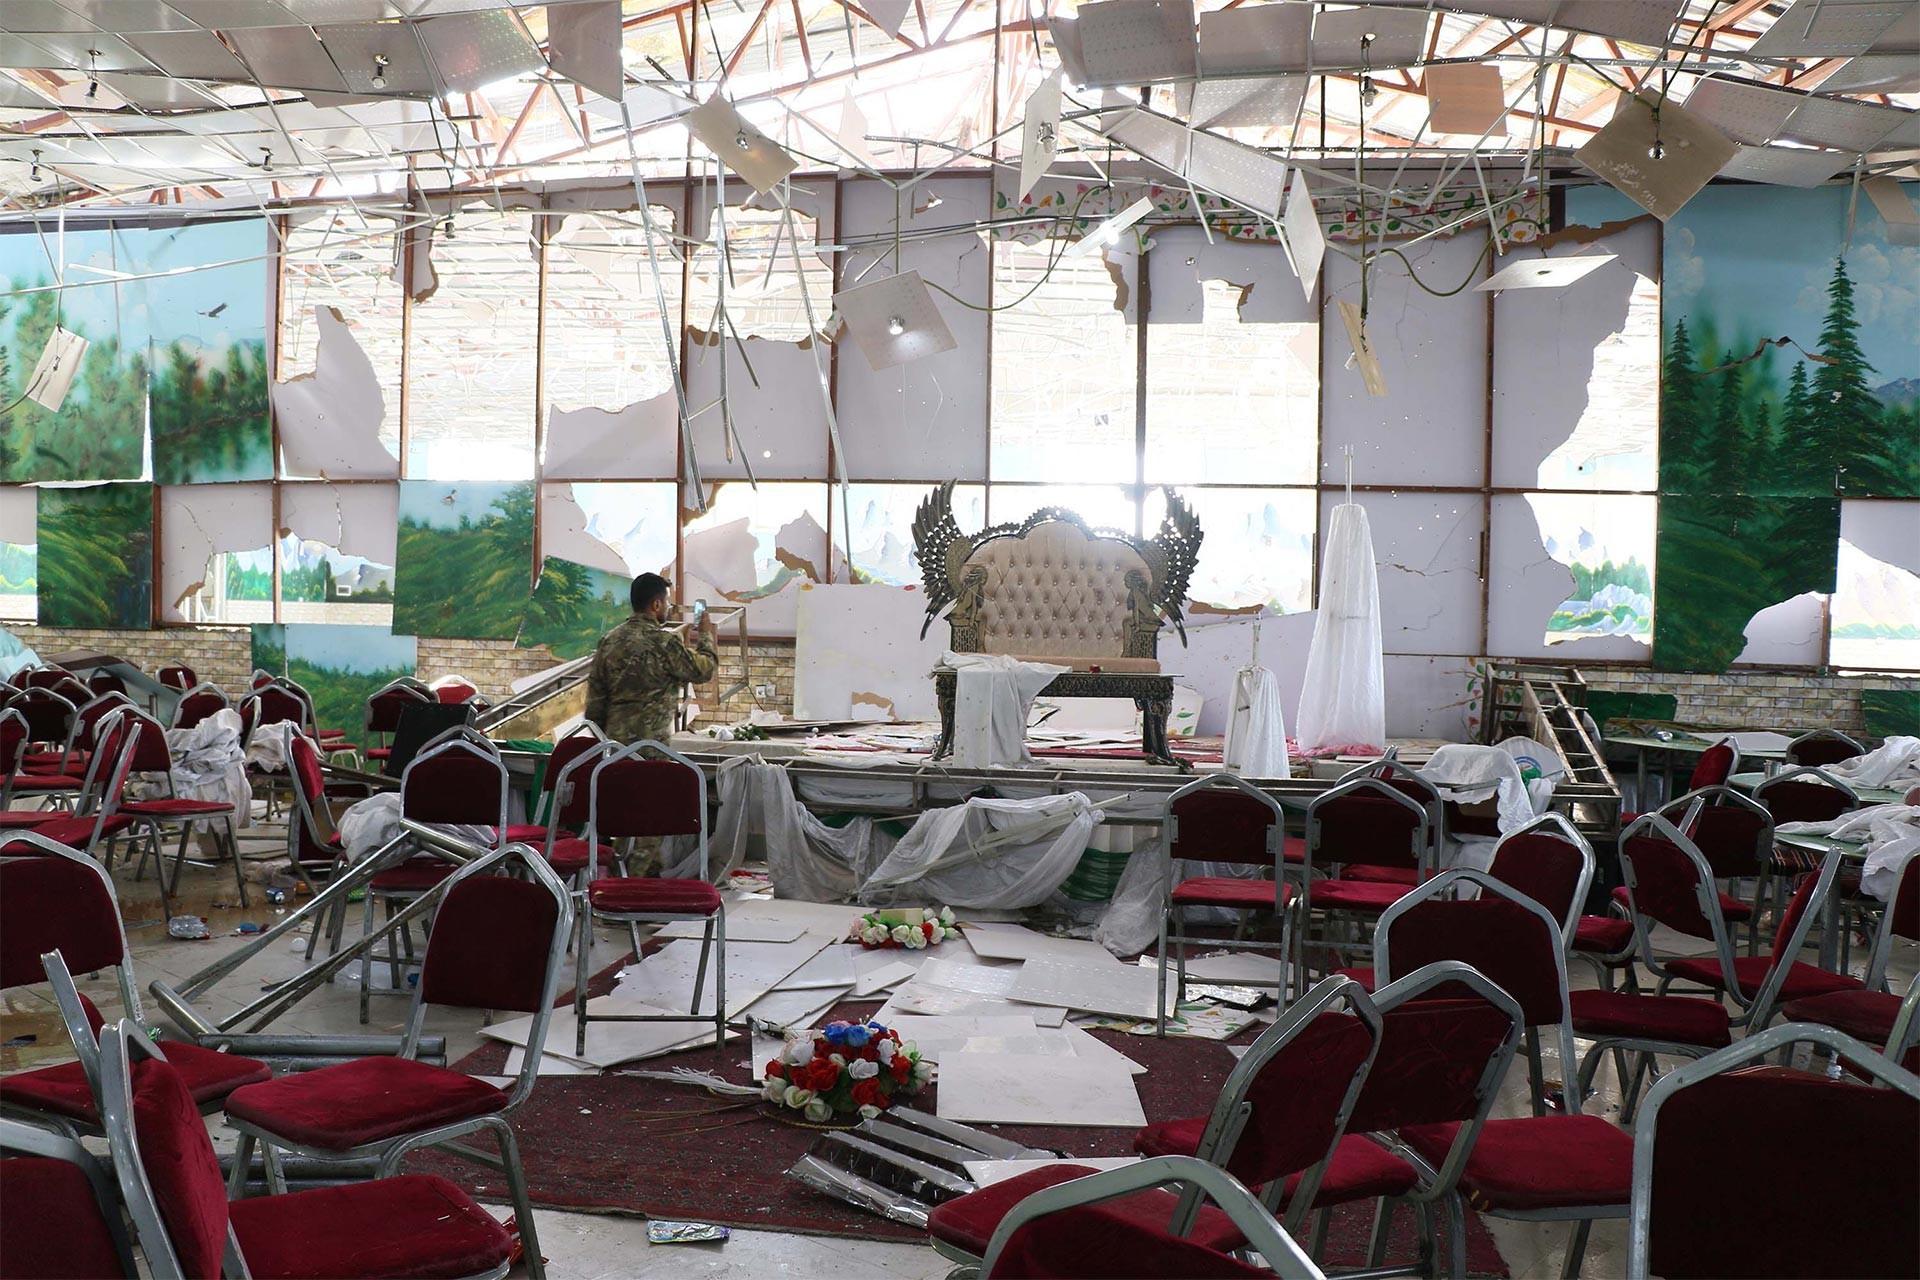 'Barış' bekleyen Afganistan'da düğüne saldırı: En az 63 kişi öldü